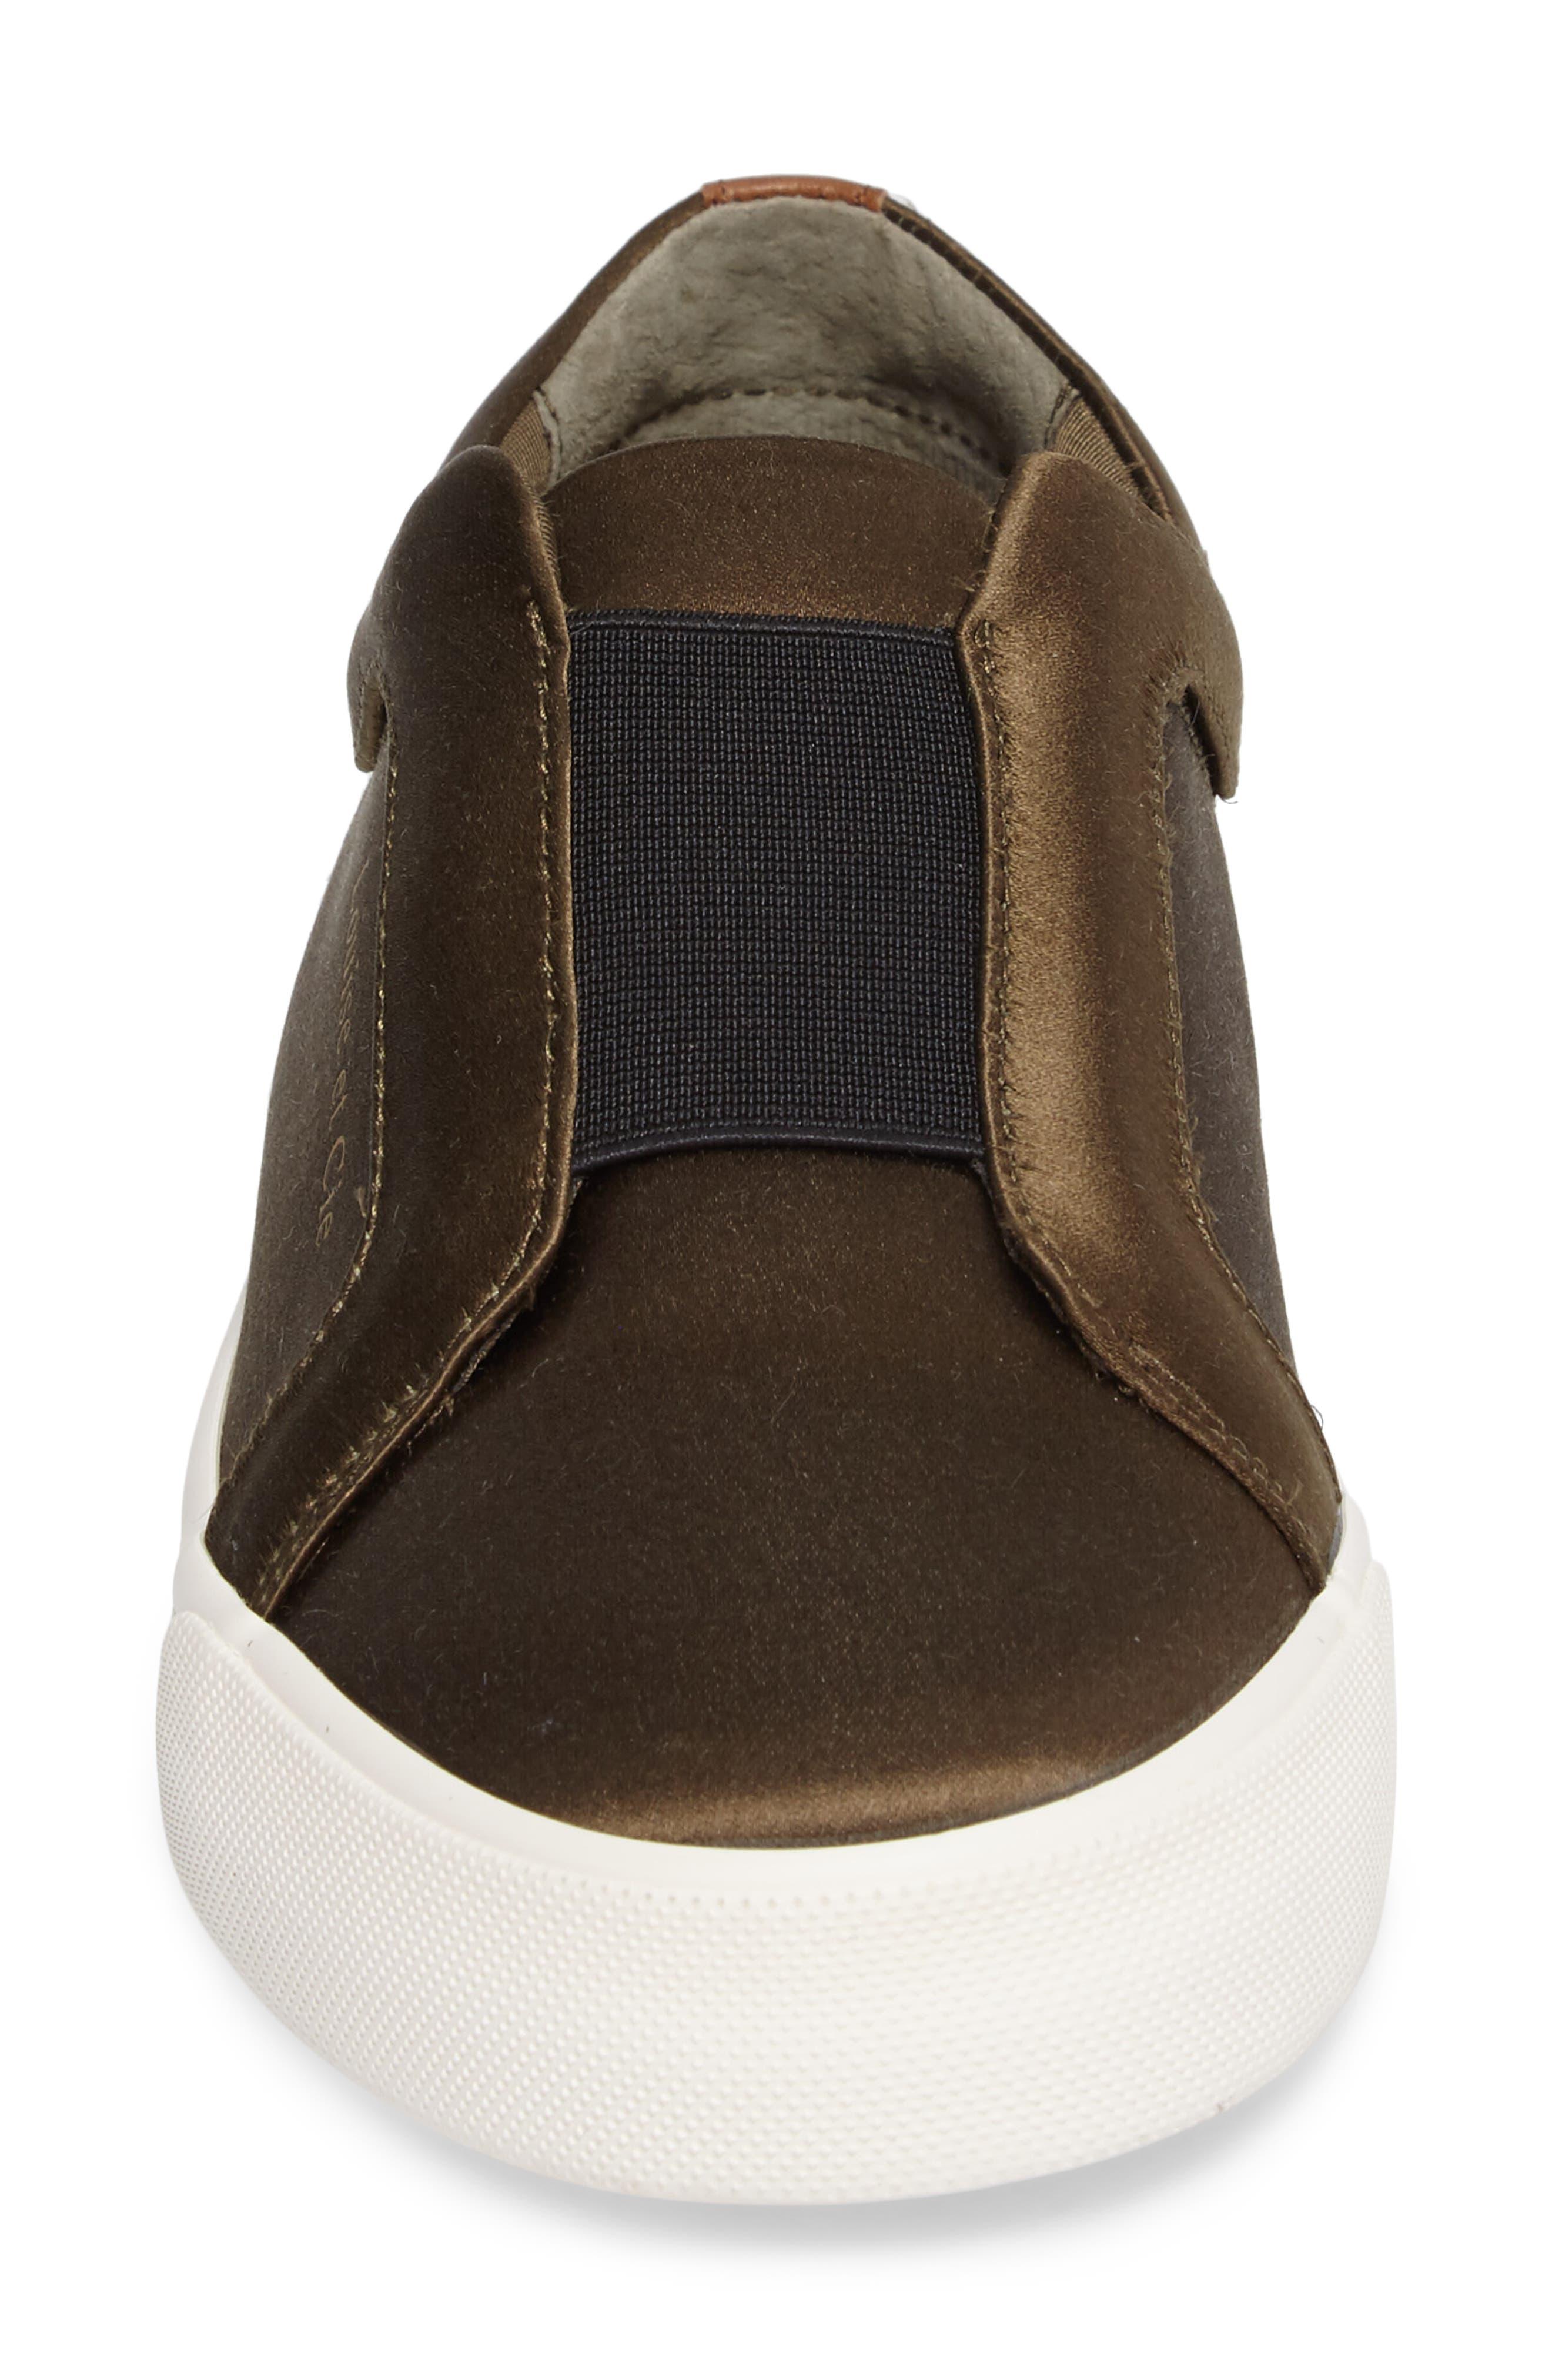 Bette Slip-On Sneaker,                             Alternate thumbnail 4, color,                             Peacoat/ Black Satin